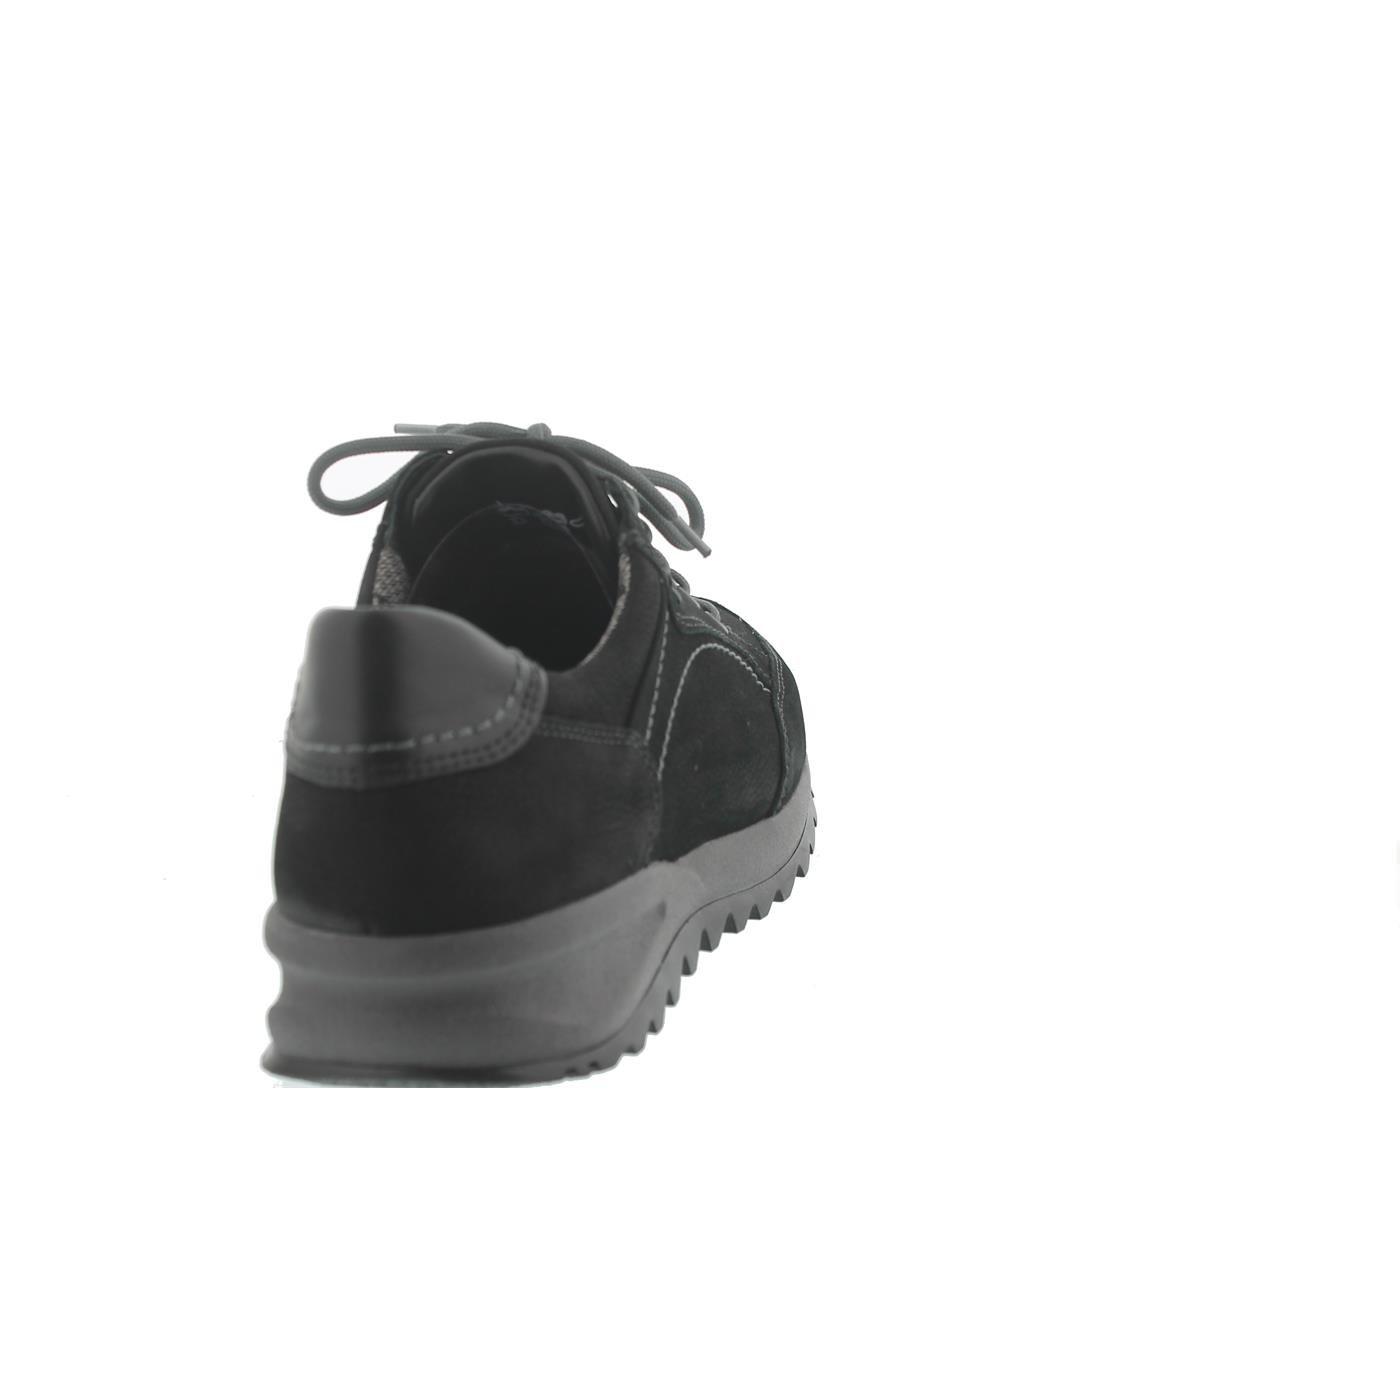 Waldläufer Schnürer Helle 9.5, Größe 9.5, Helle Farbe  Schwarz 6bcead